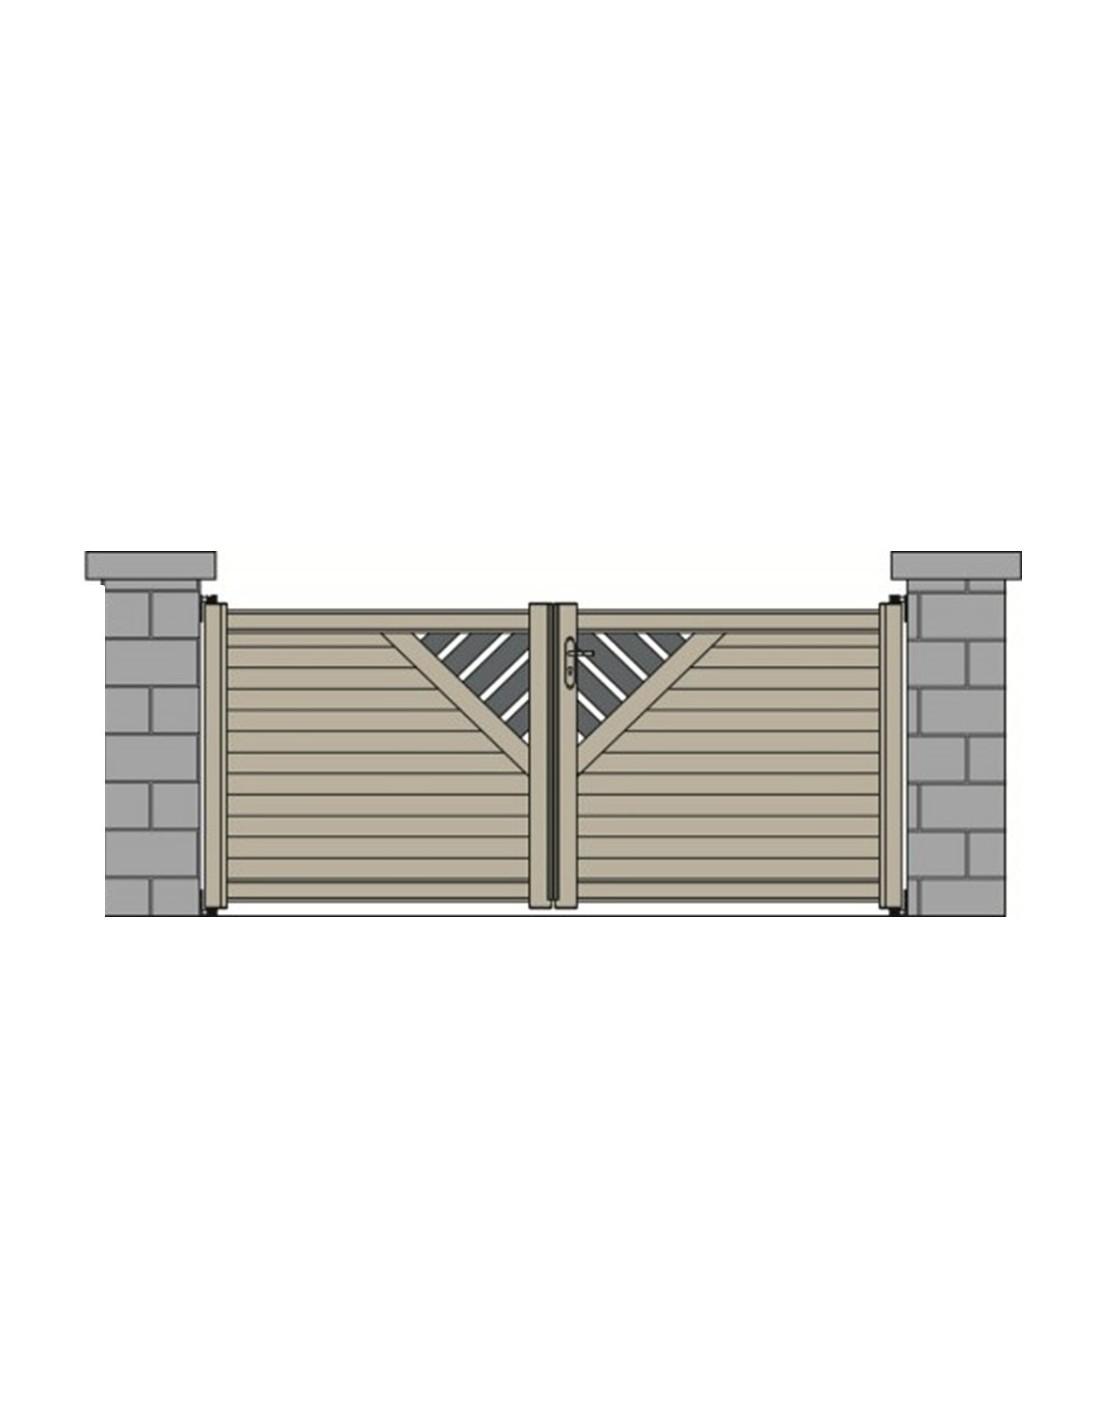 portail aluminium perpignan design contemporain sur mesure 3m50 4m 4m50 5m. Black Bedroom Furniture Sets. Home Design Ideas